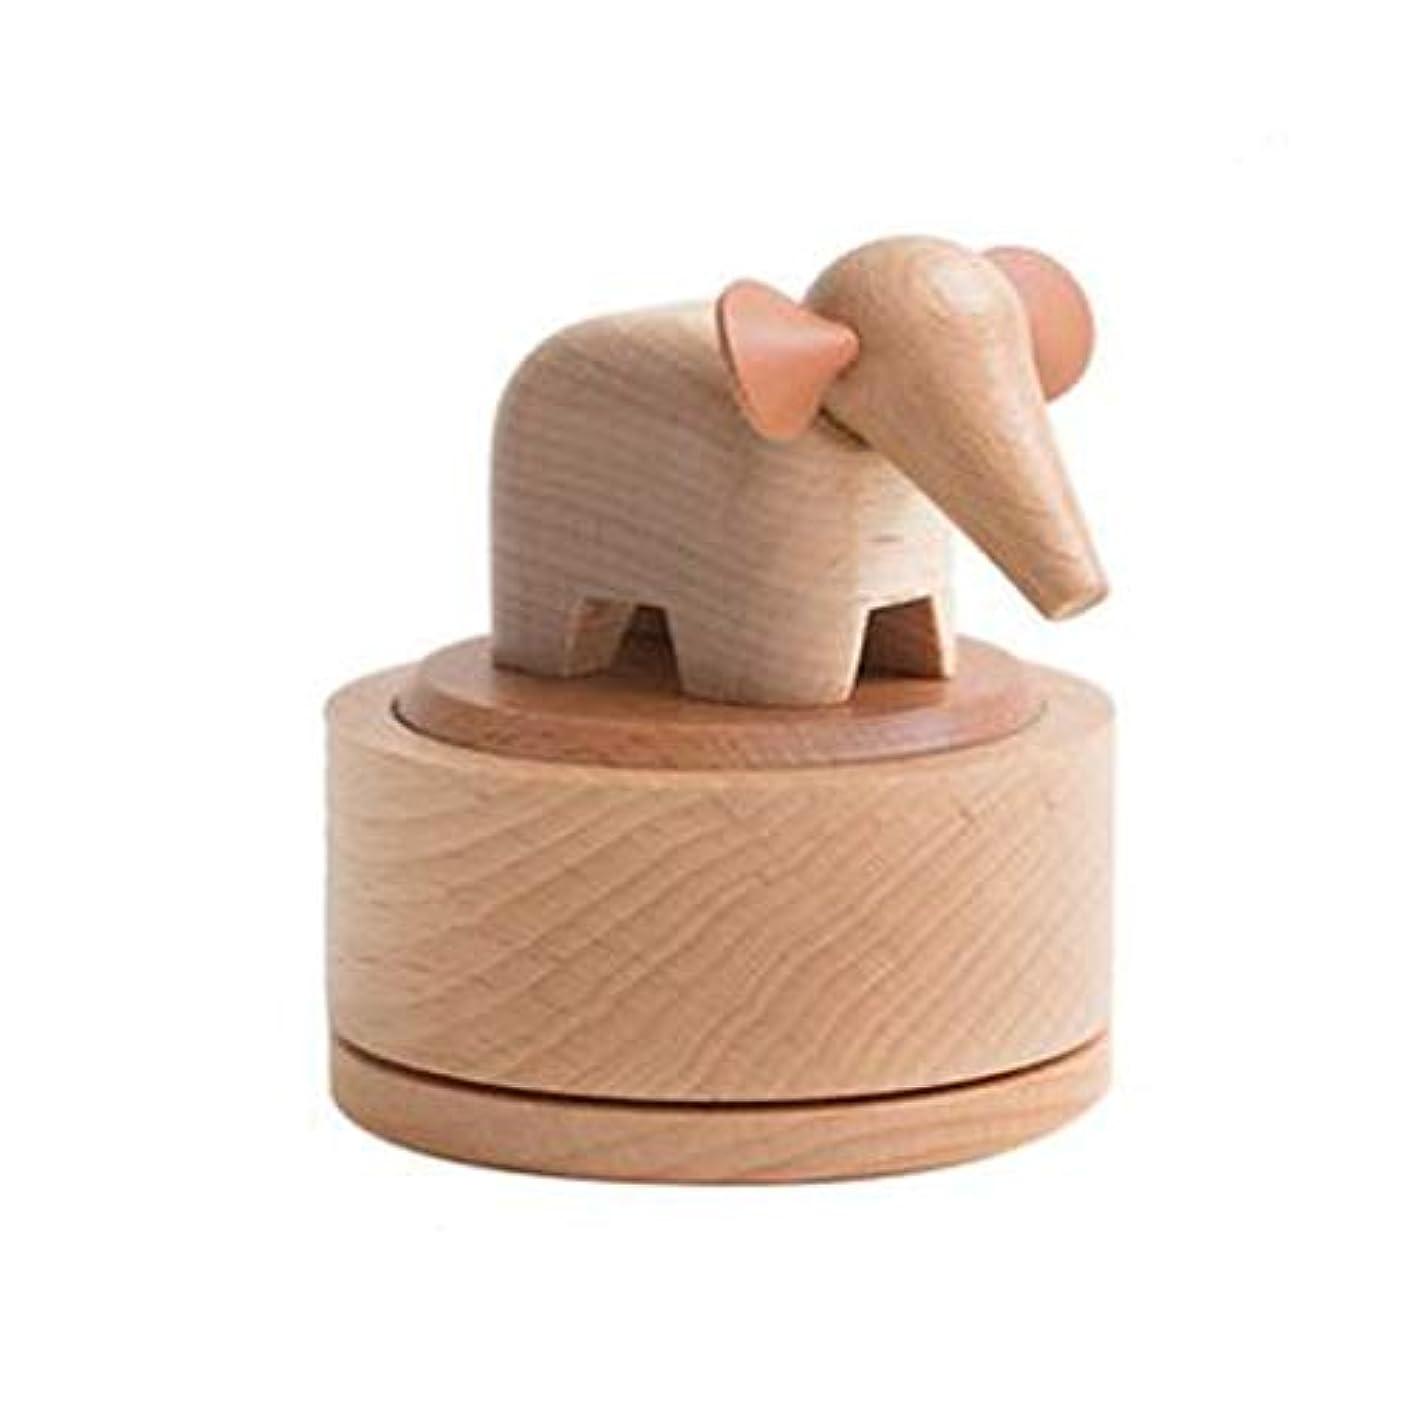 注釈統計的バズAishanghuayi ギフト豚オルゴールスカイシティオルゴール木製回転クリエイティブ送信女の子カップル誕生日ギフト,ファッションオーナメント (Style : Pig)